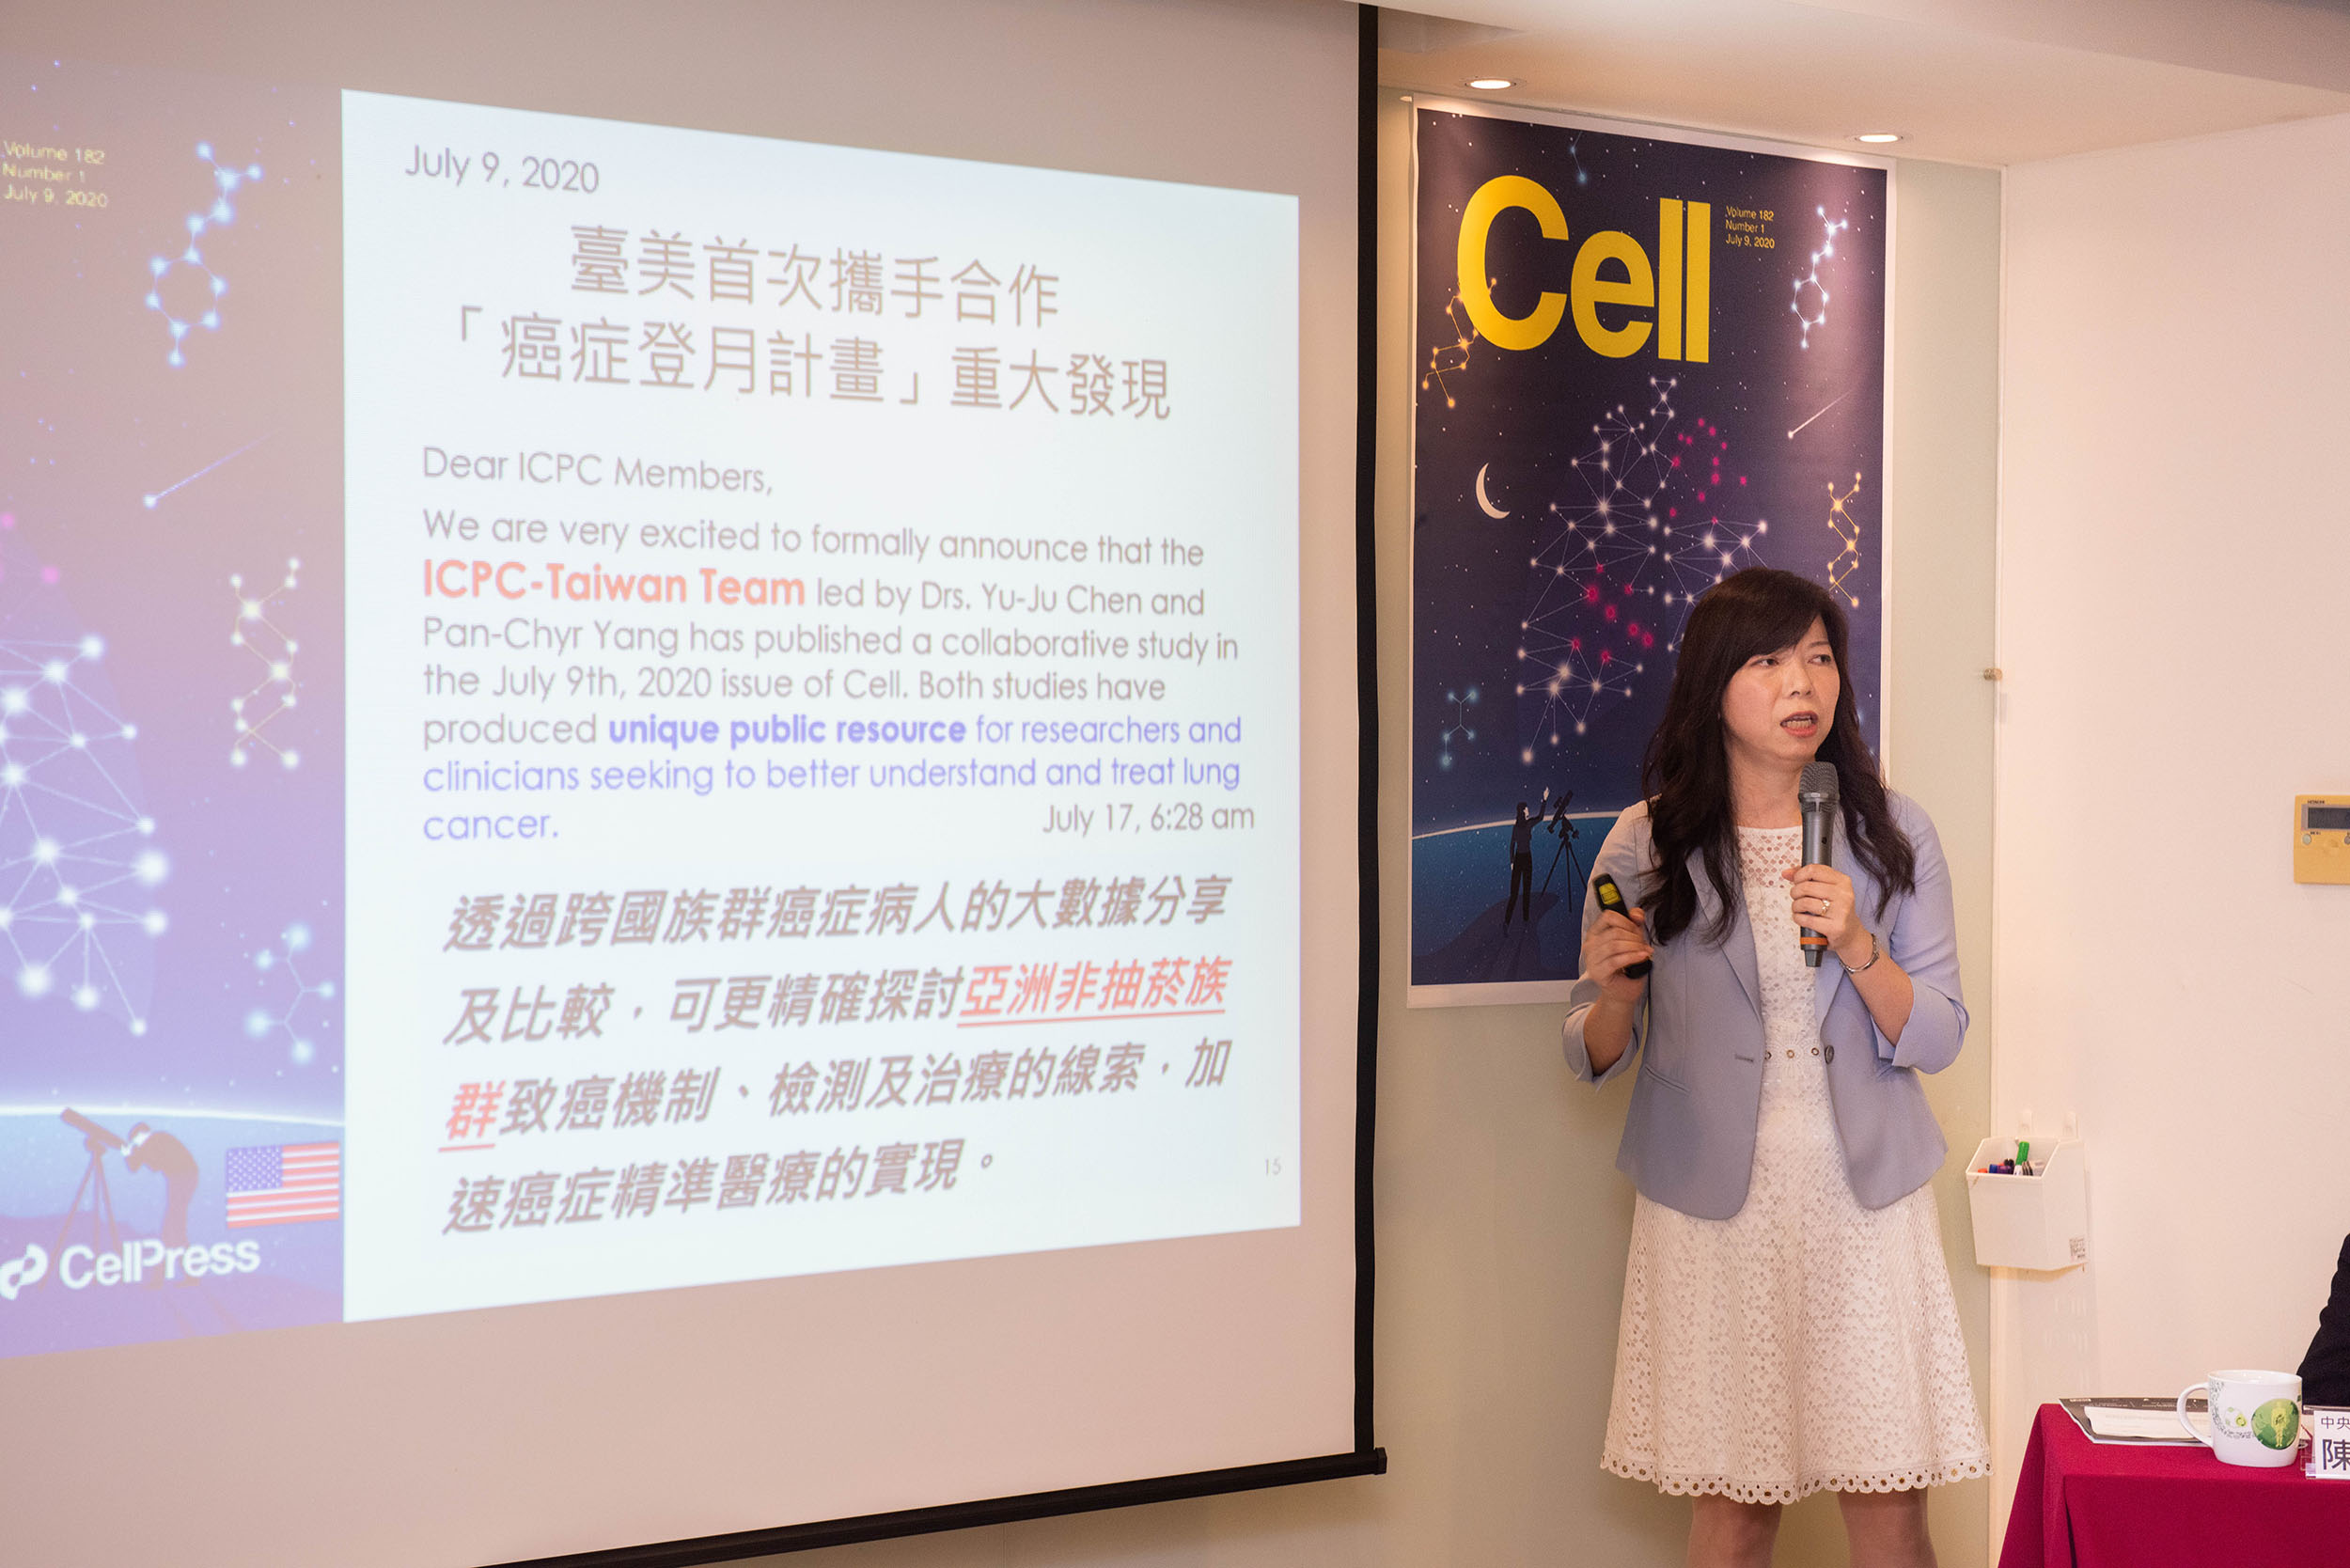 中研院化學所陳玉如所長領導「臺灣癌症登月計畫」,找出臺灣人不吸菸肺癌可能的致病機轉,成果發表在期刊《細胞》(Cell)。圖│中研院秘書處